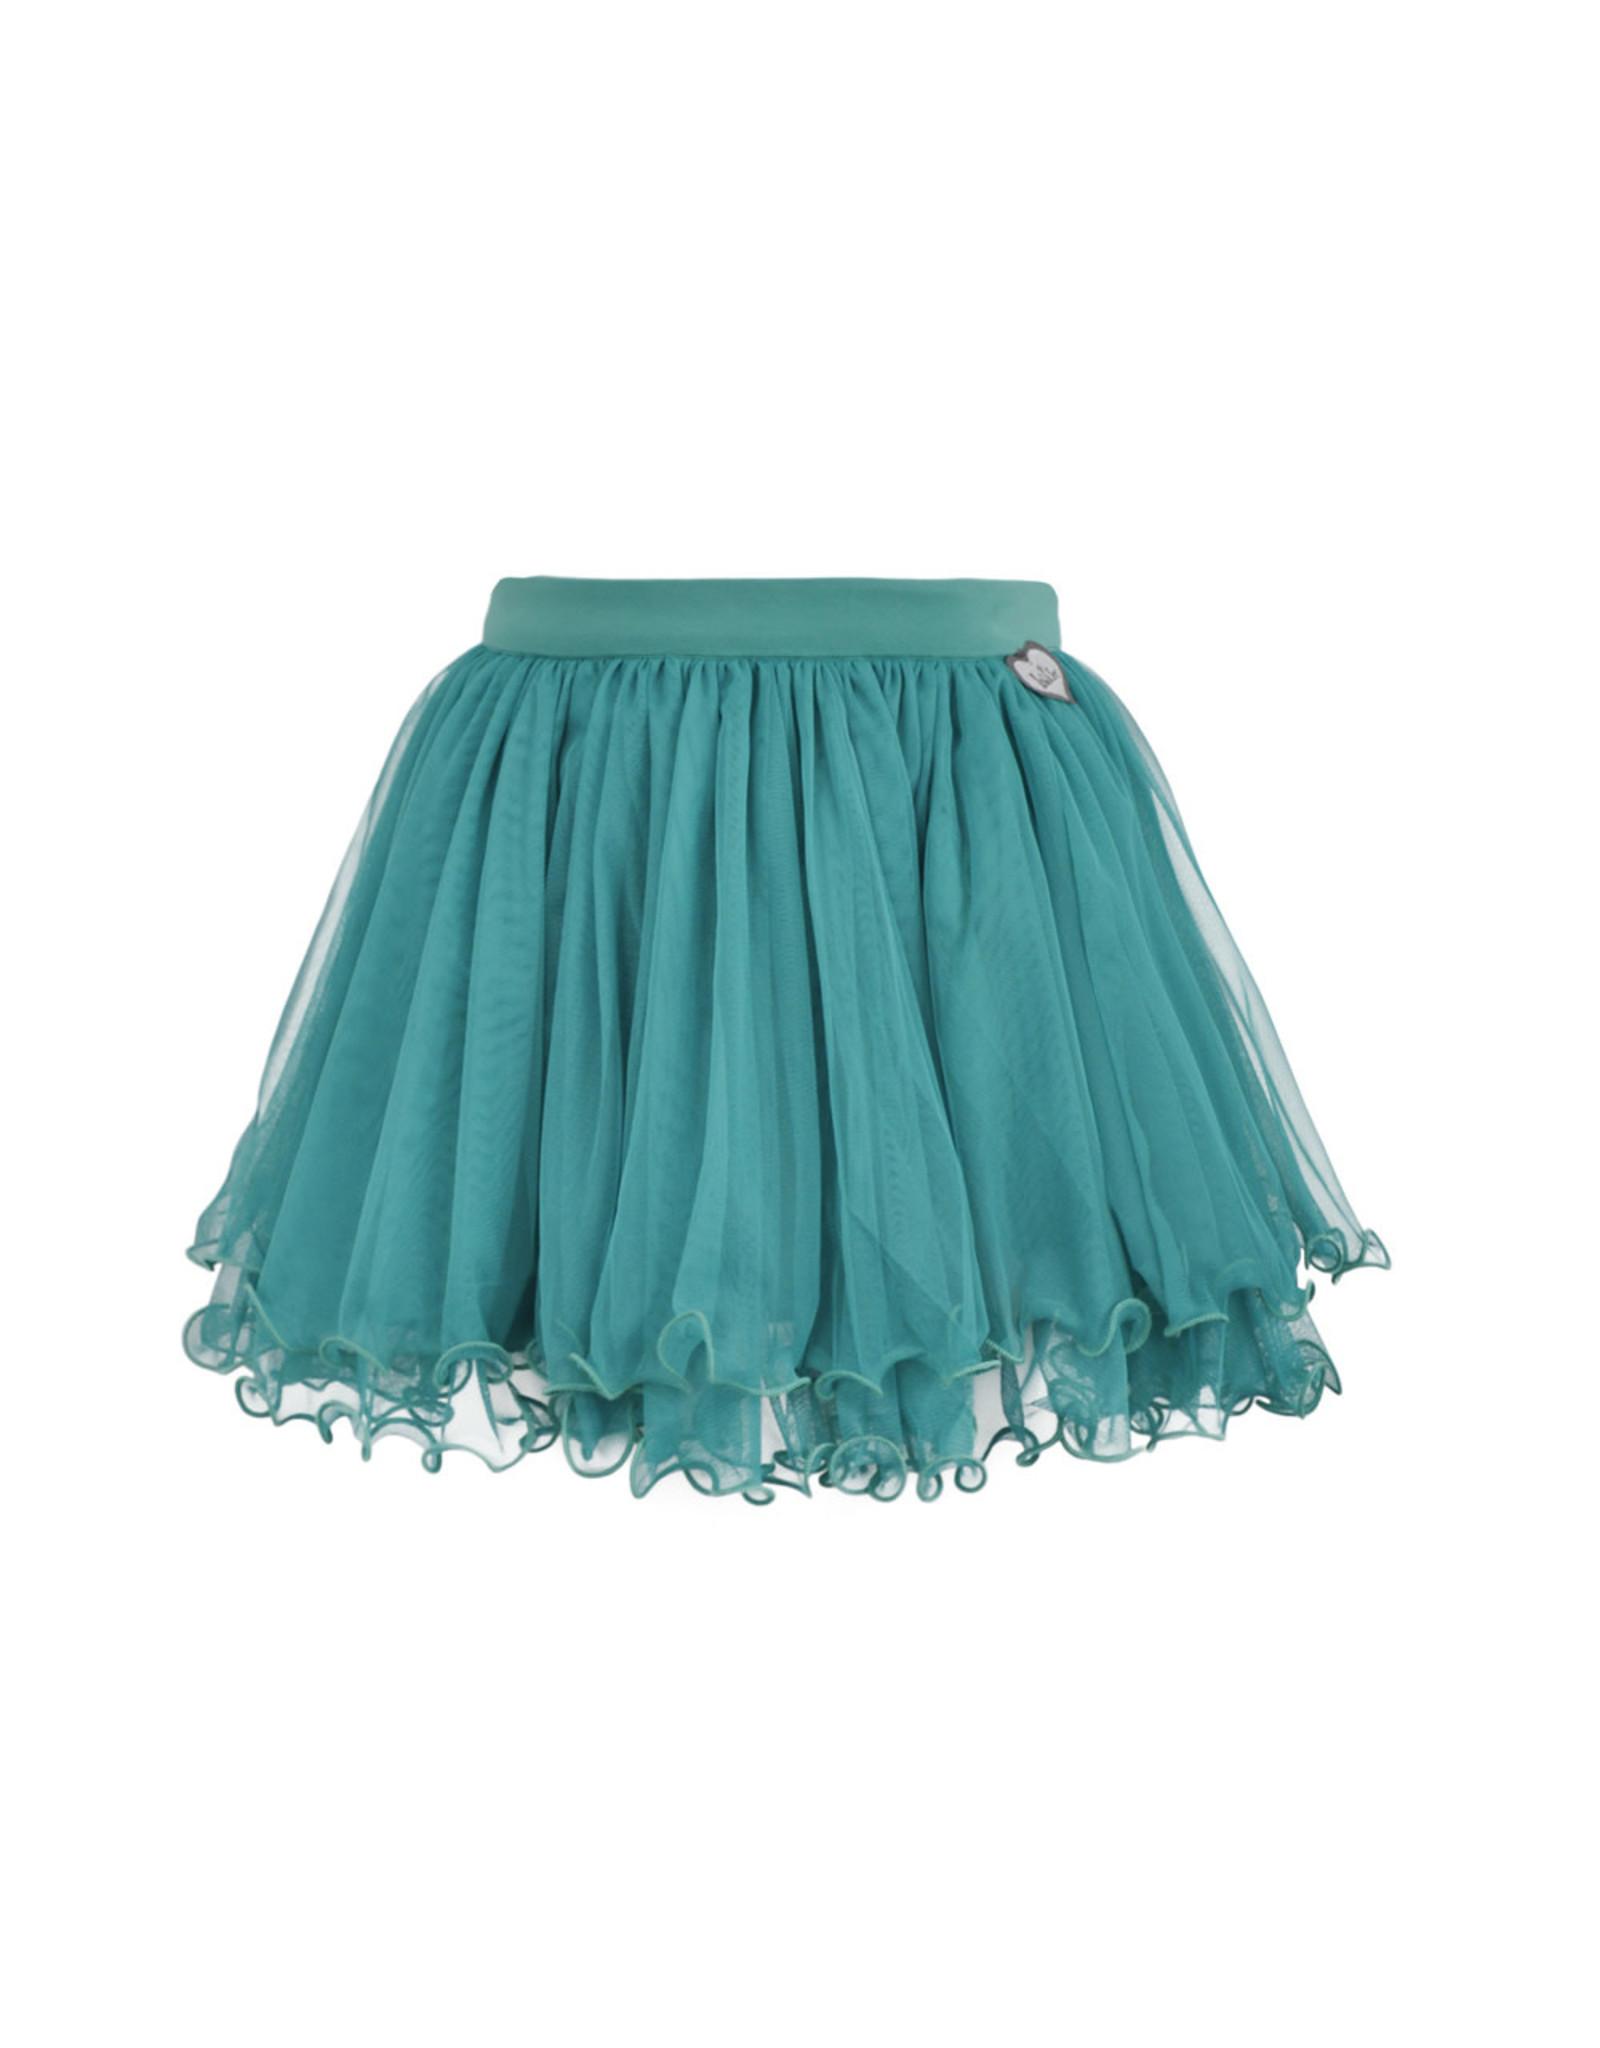 LoFff Loff meiden petticoat rok Ocean Green